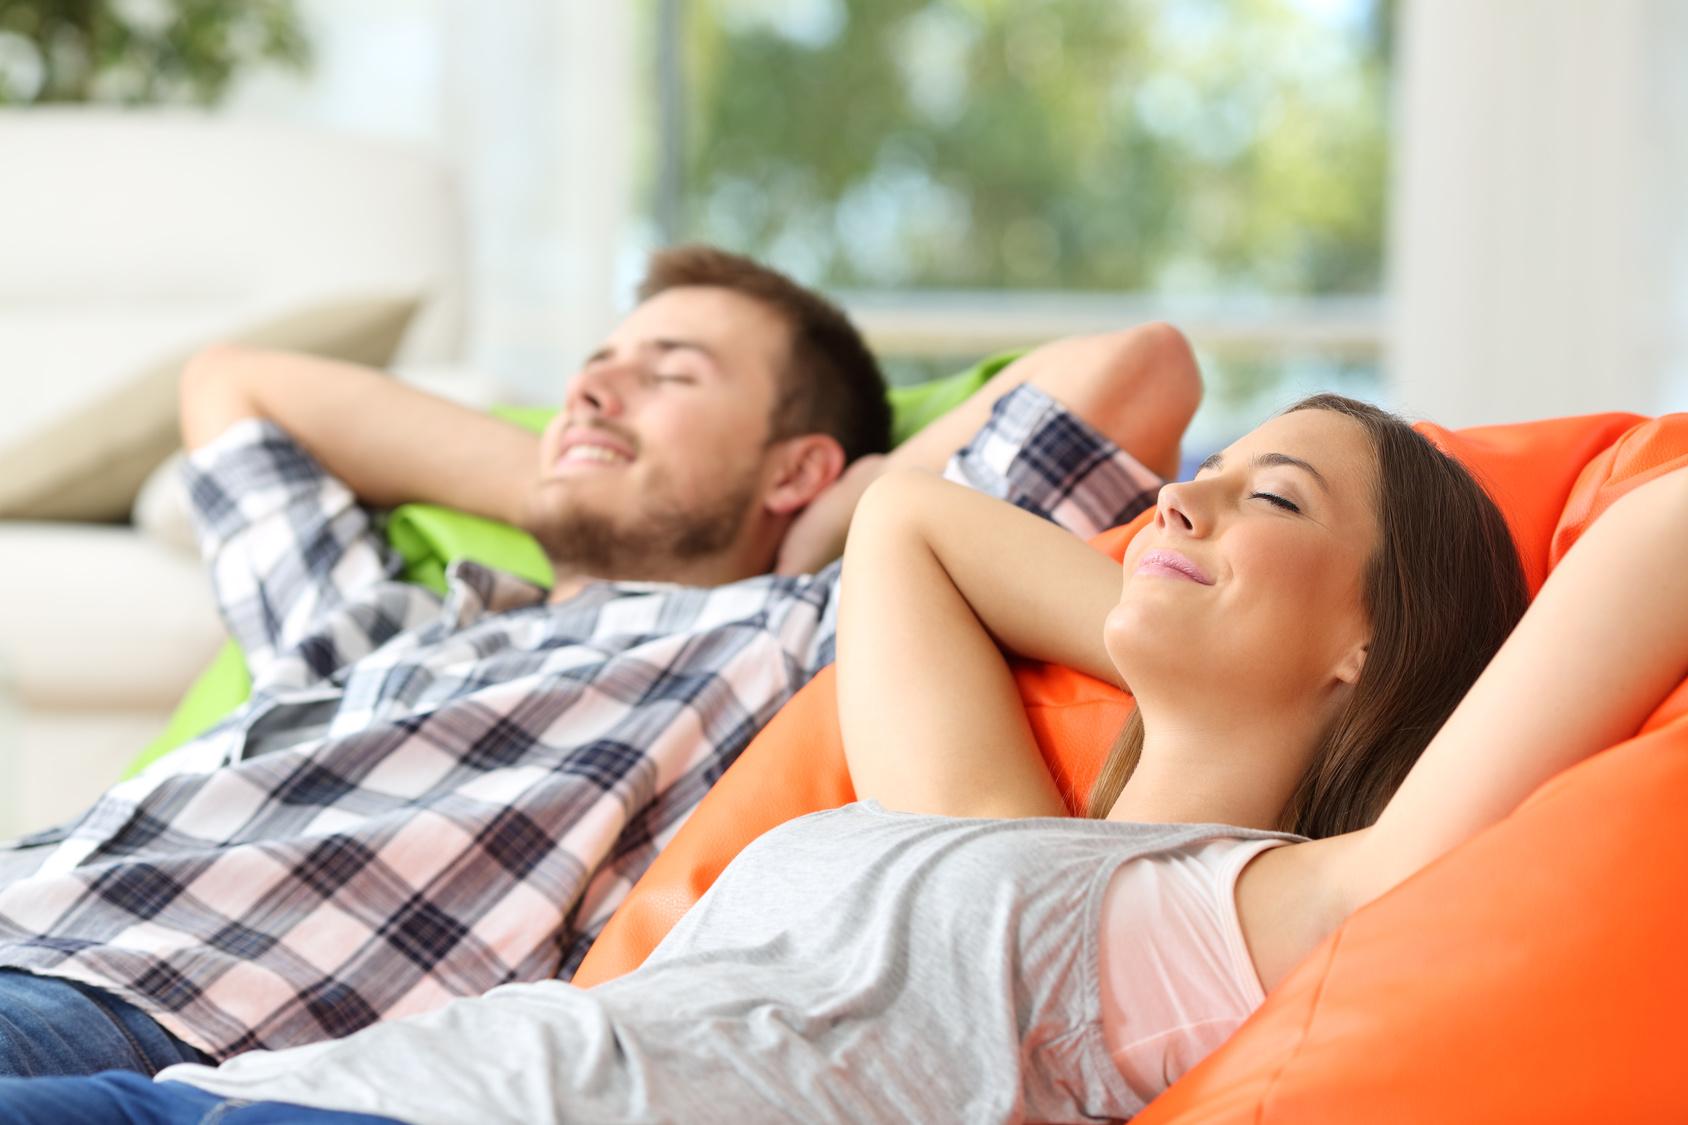 hartz iv auch widerspenstige arbeitslose haben urlaubsanspruch. Black Bedroom Furniture Sets. Home Design Ideas